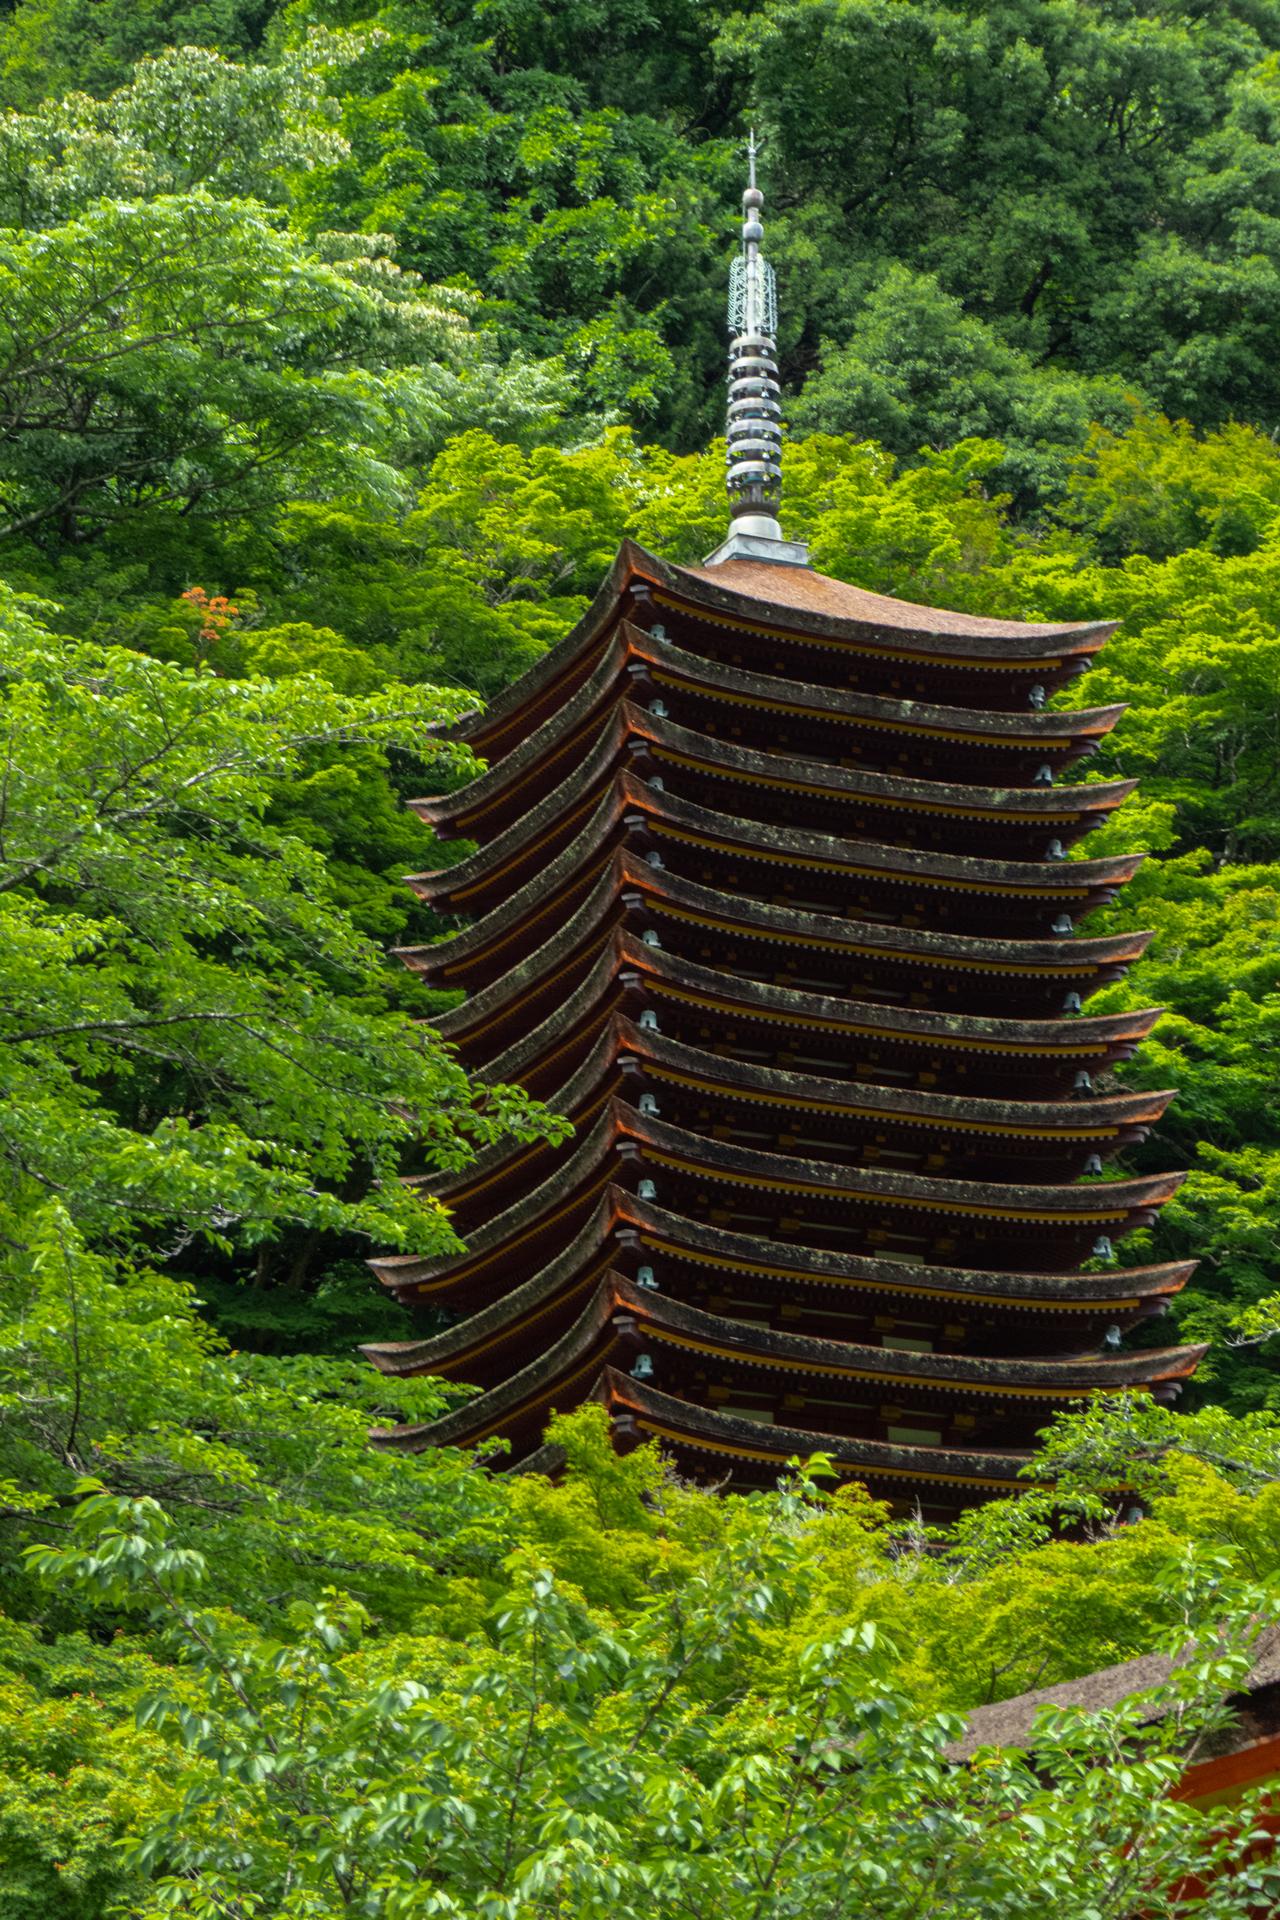 P1001234 奈良県  談山神社(あじさいと新緑の景色が美しい初夏におすすめのスポット! 写真の紹介、アクセス情報や駐車場情報など)